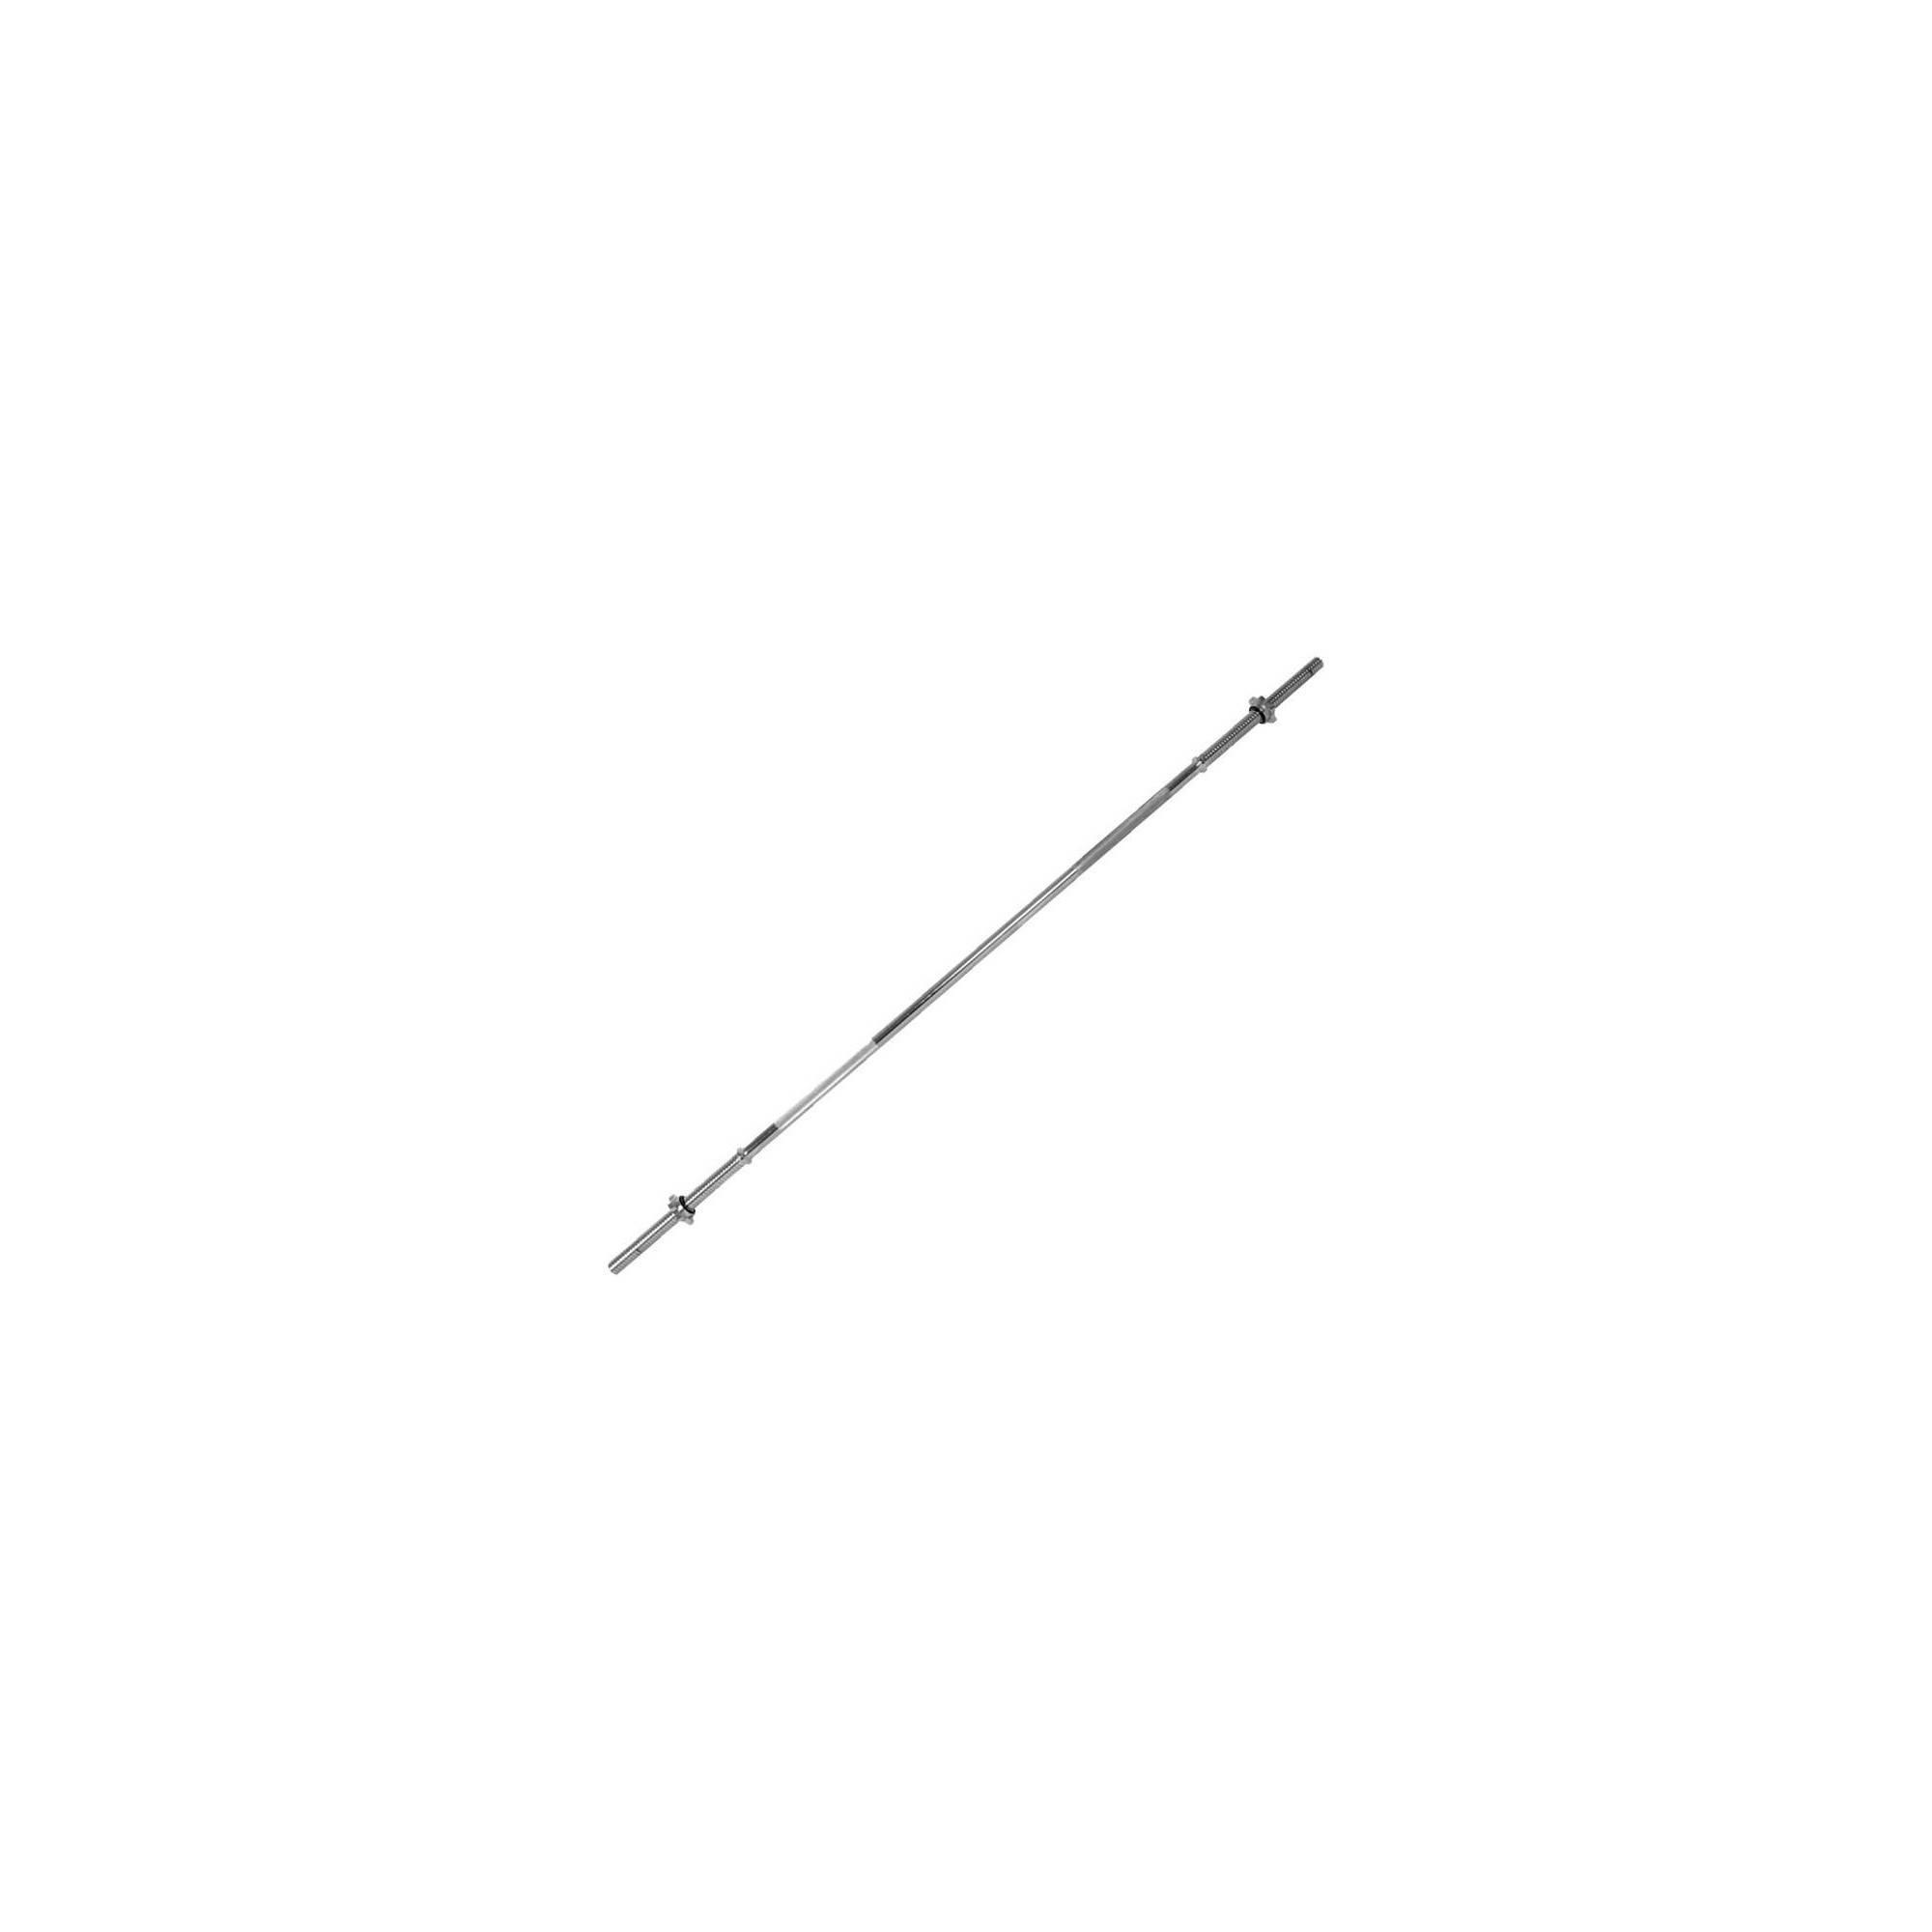 Gryf gwintowany prosty 160cm INSPORTLINE średnica 25mm Insportline - 1 | klubfitness.pl | sprzęt sportowy sport equipment